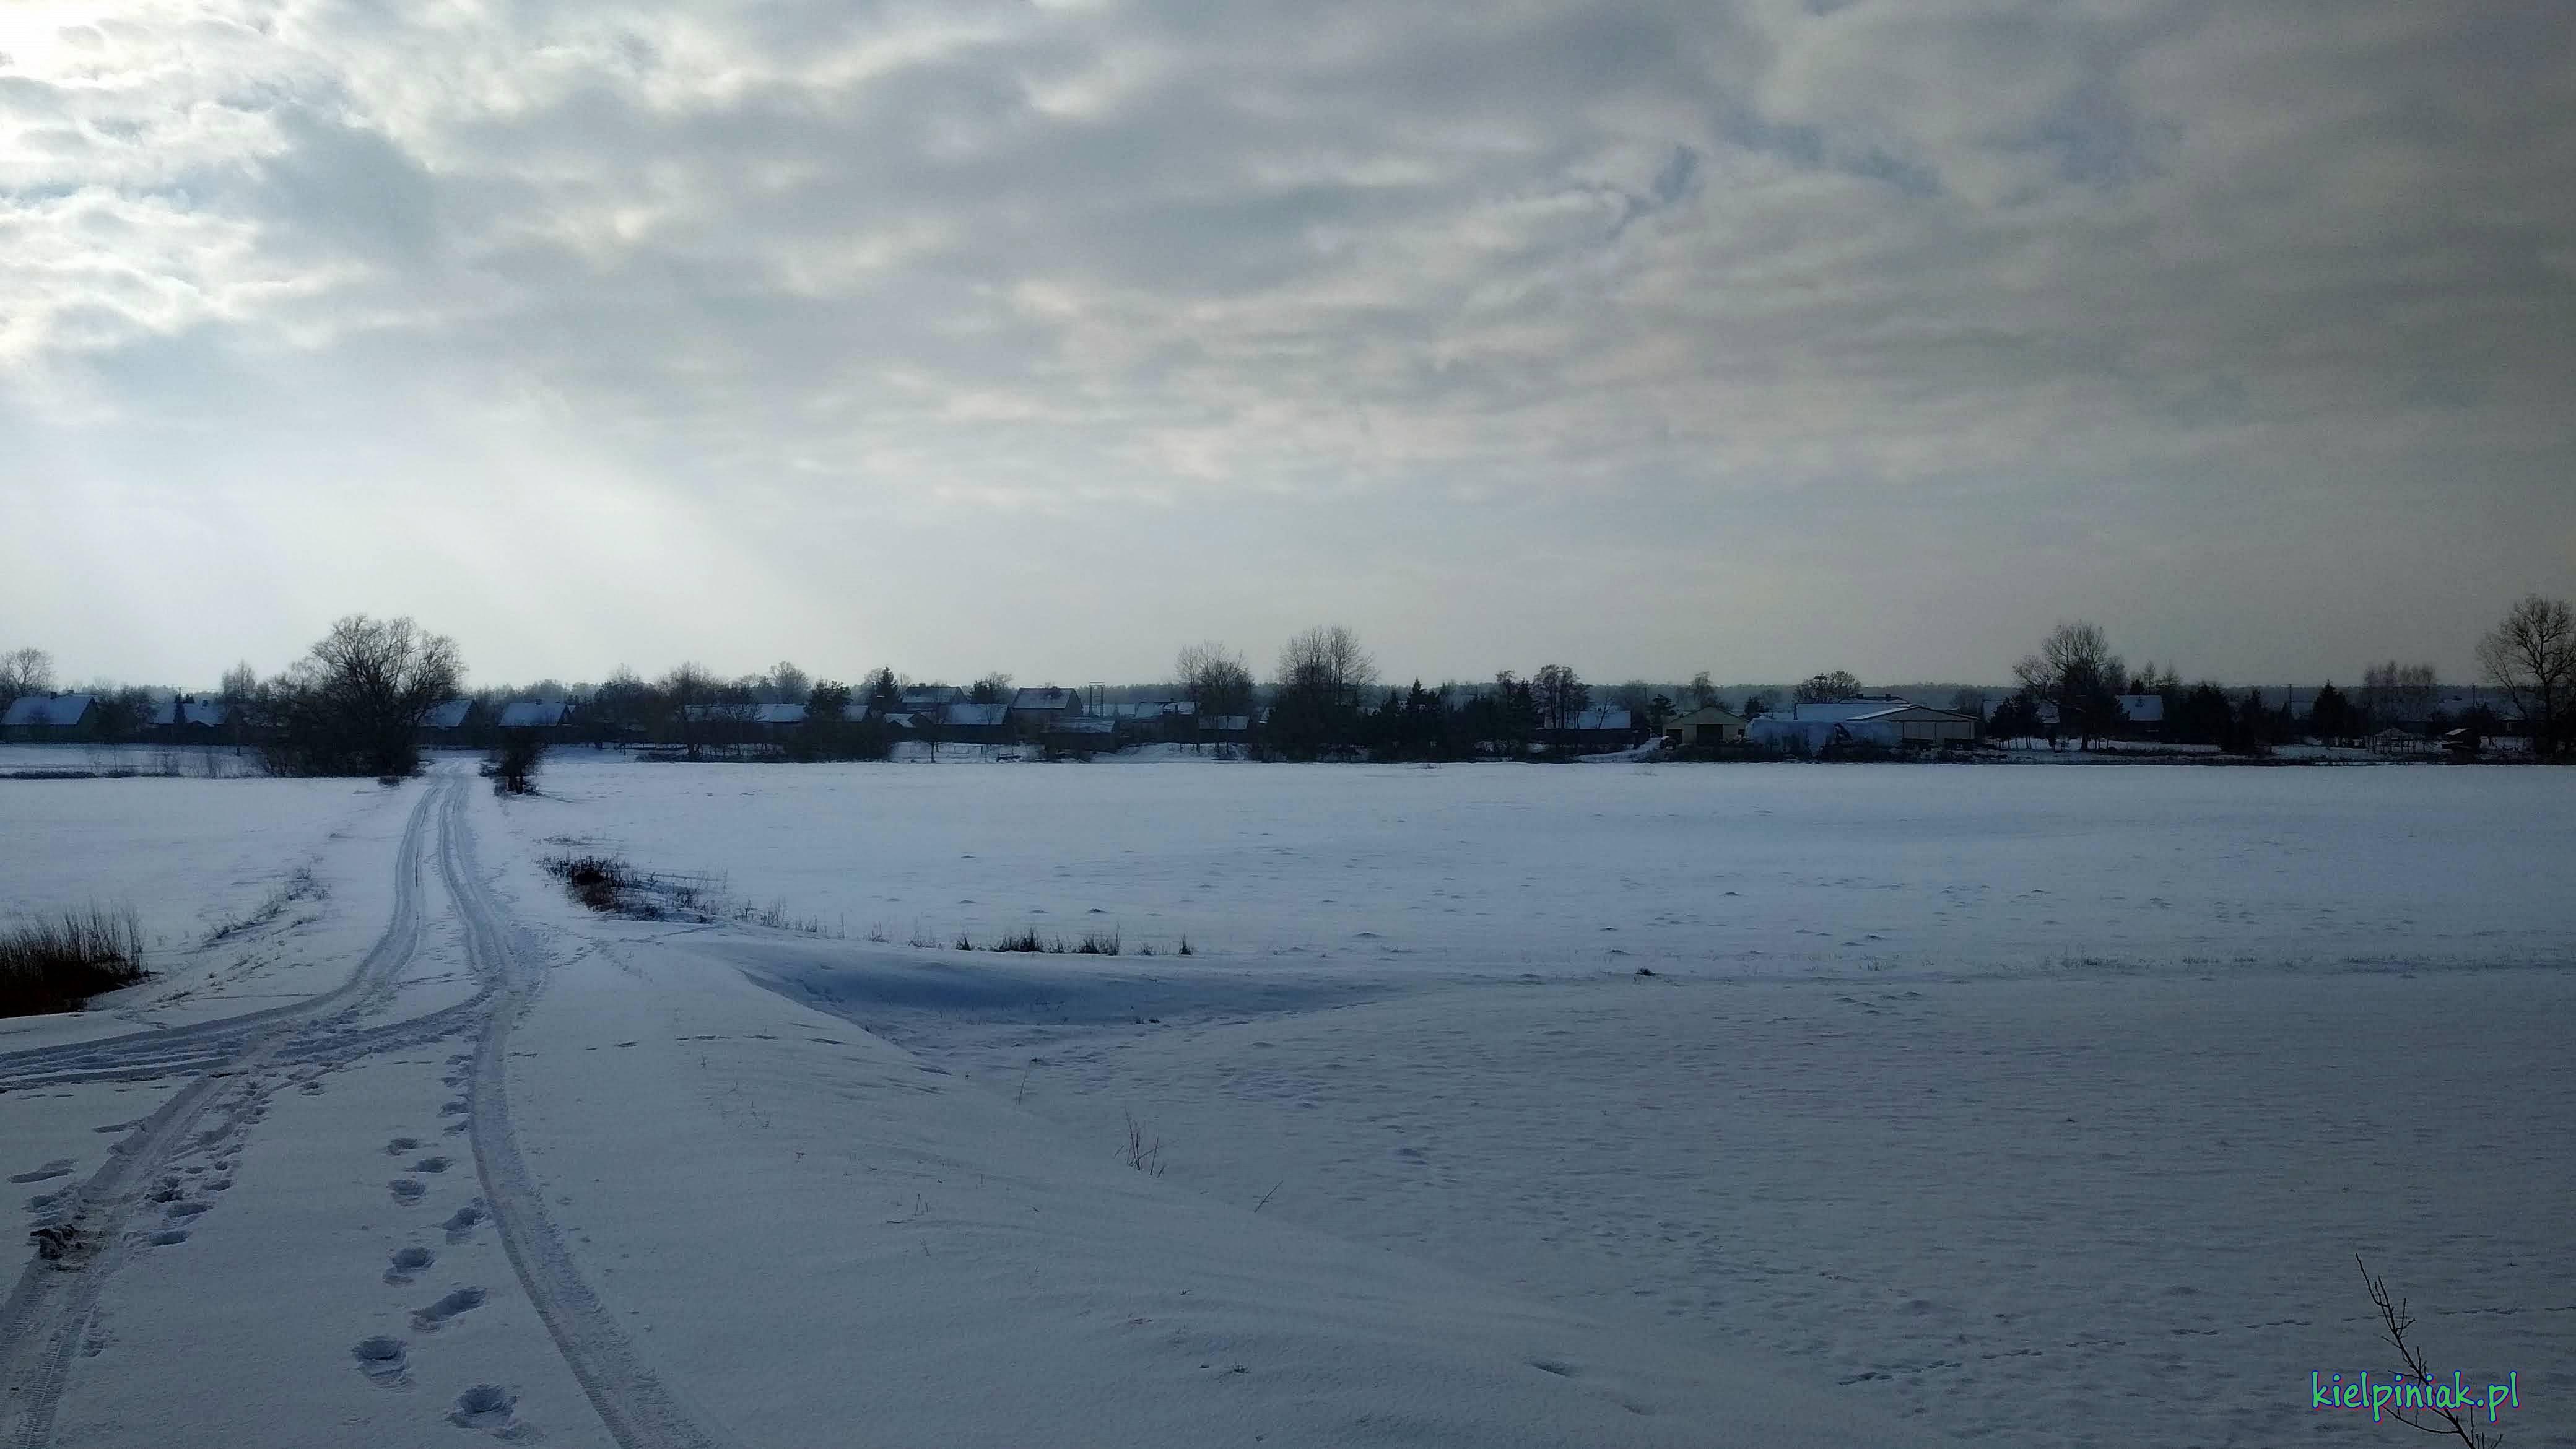 widok na kiełpiniec od strony wału, zima 2019 styczeń